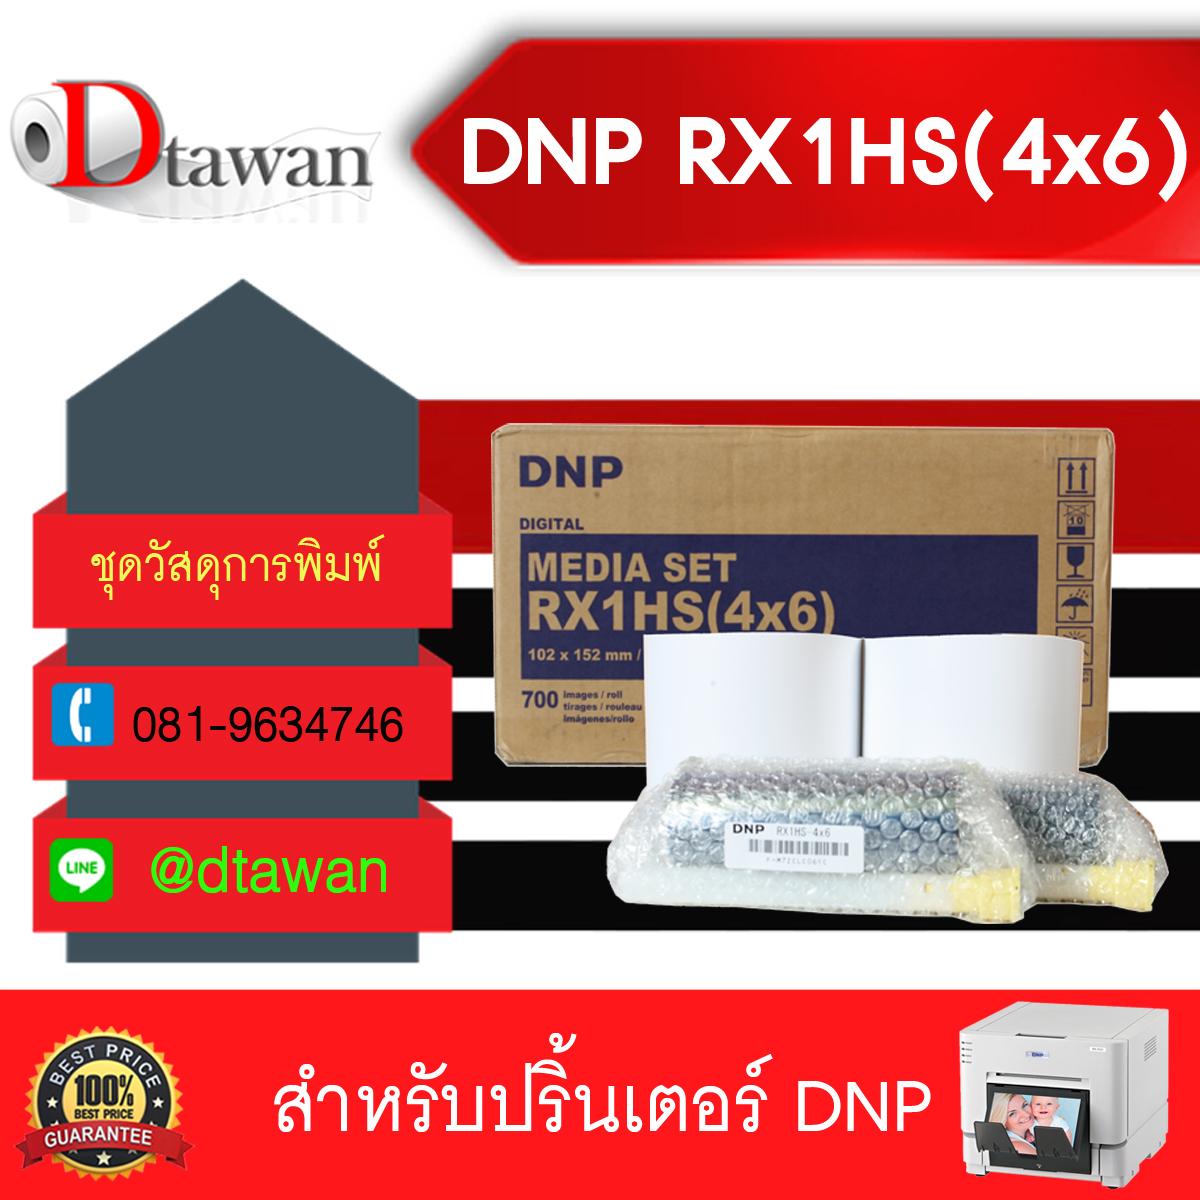 กระดาษ DNP สำหรับปริ้นเตอร์ DNP RX1 และ RX1HS ขนาด 4x6นิ้ว ของแท้ 100% กันน้ำ ให้ภาพสีสวยสด คมชัด เก็บภาพได้นานนับสิบปี